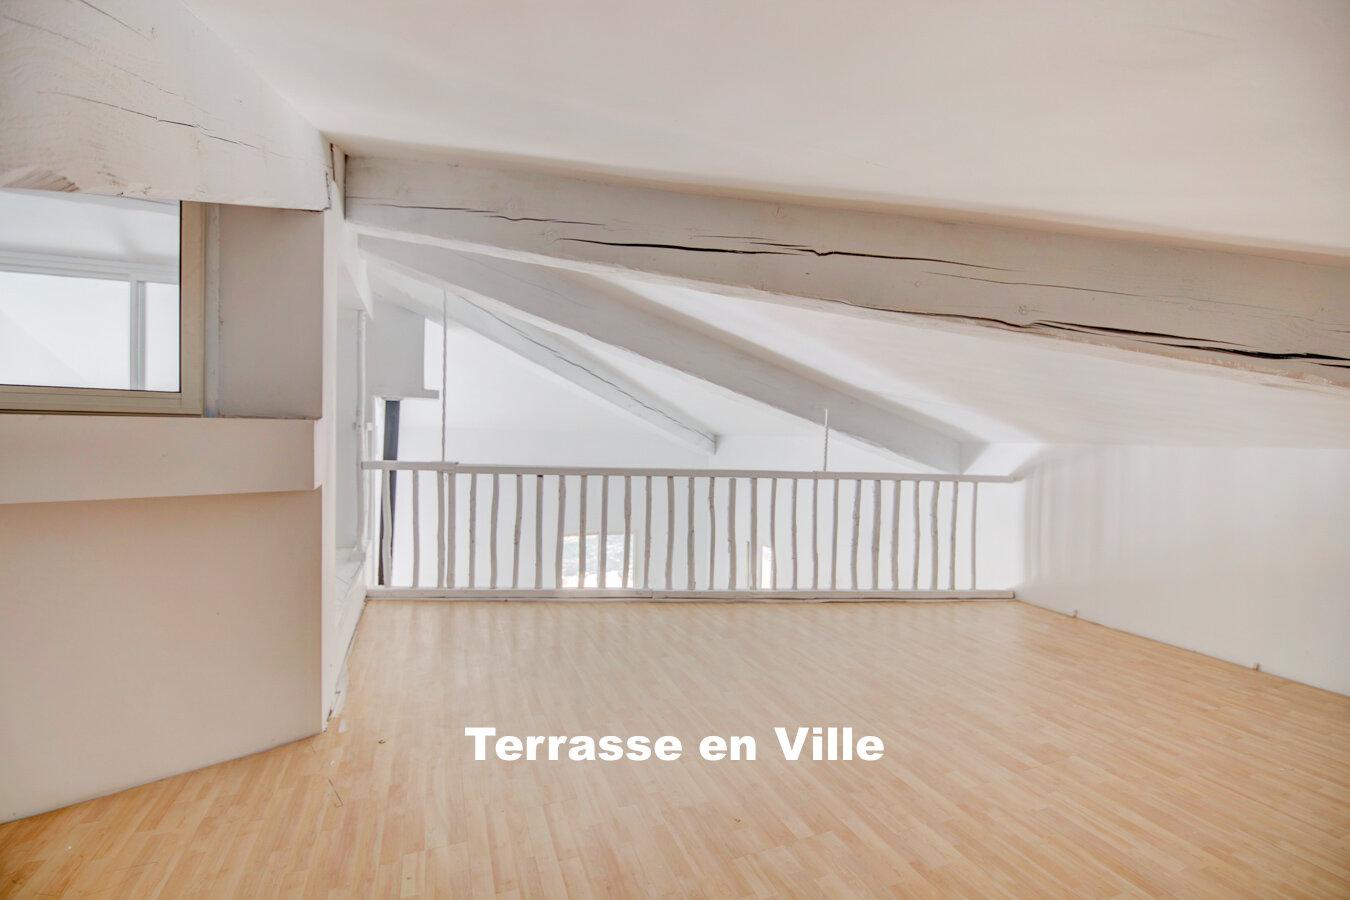 TERRASSE EN VILLE-76.jpg